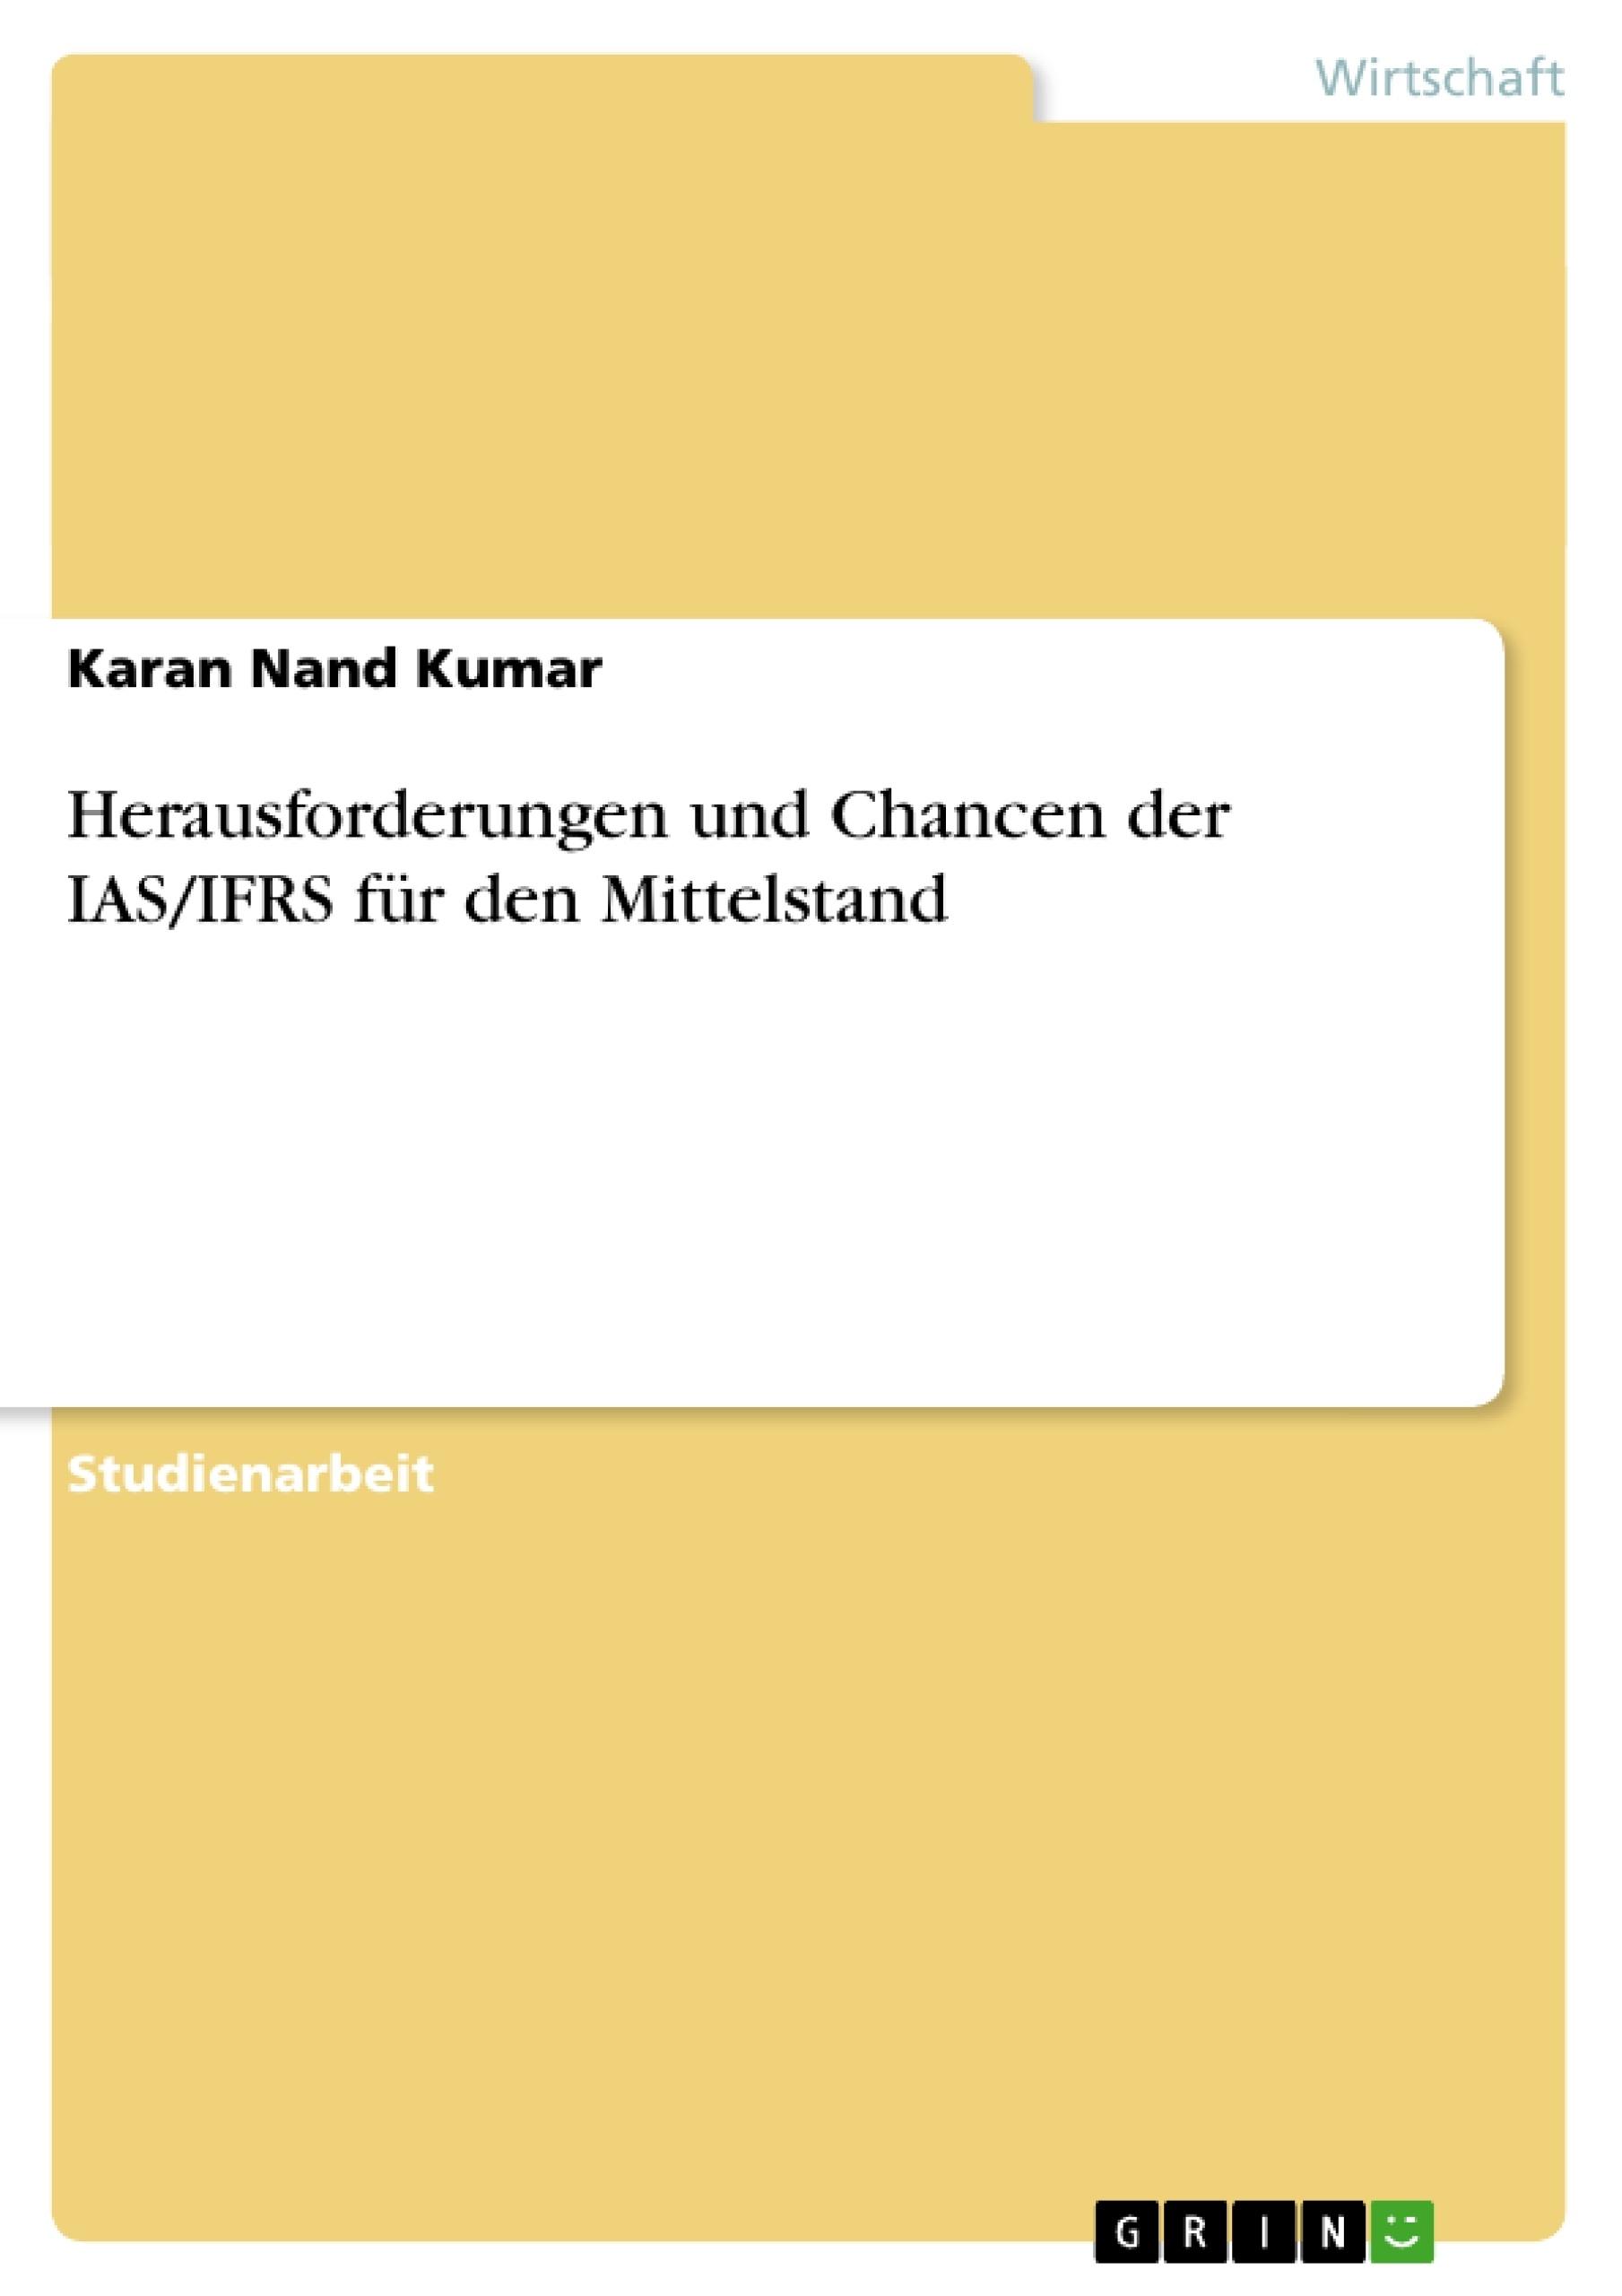 Titel: Herausforderungen und Chancen der IAS/IFRS für den Mittelstand